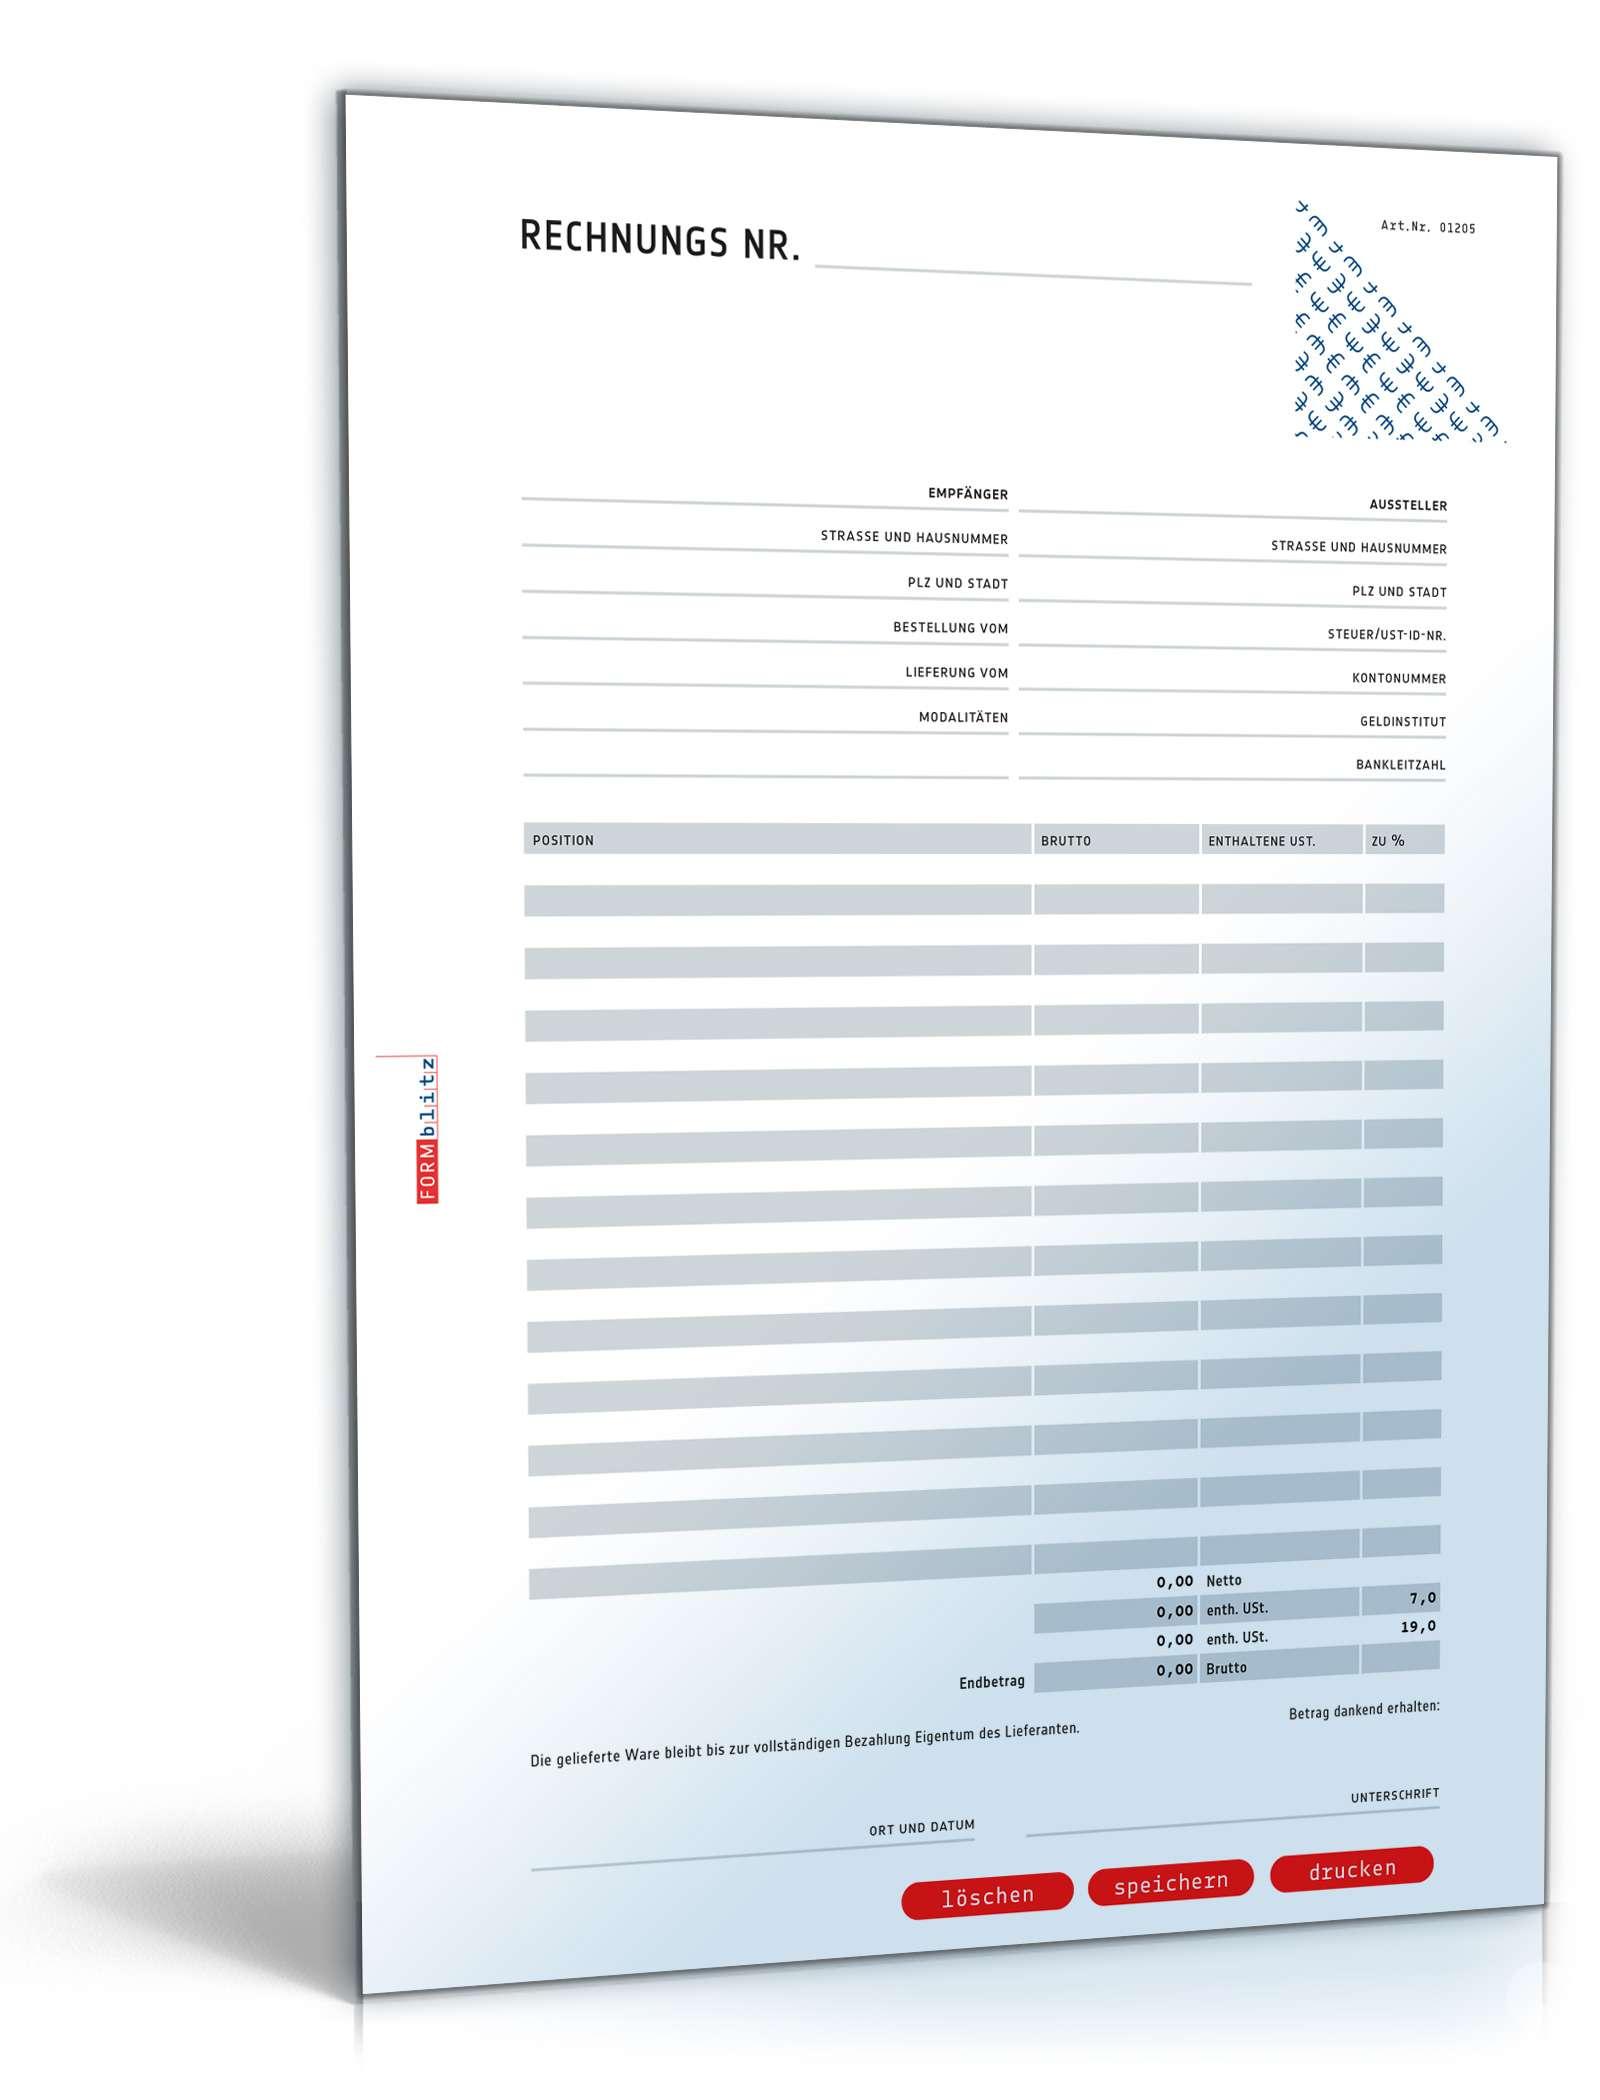 rechnung brutto umsatzsteuer variabel vorlage zum download. Black Bedroom Furniture Sets. Home Design Ideas